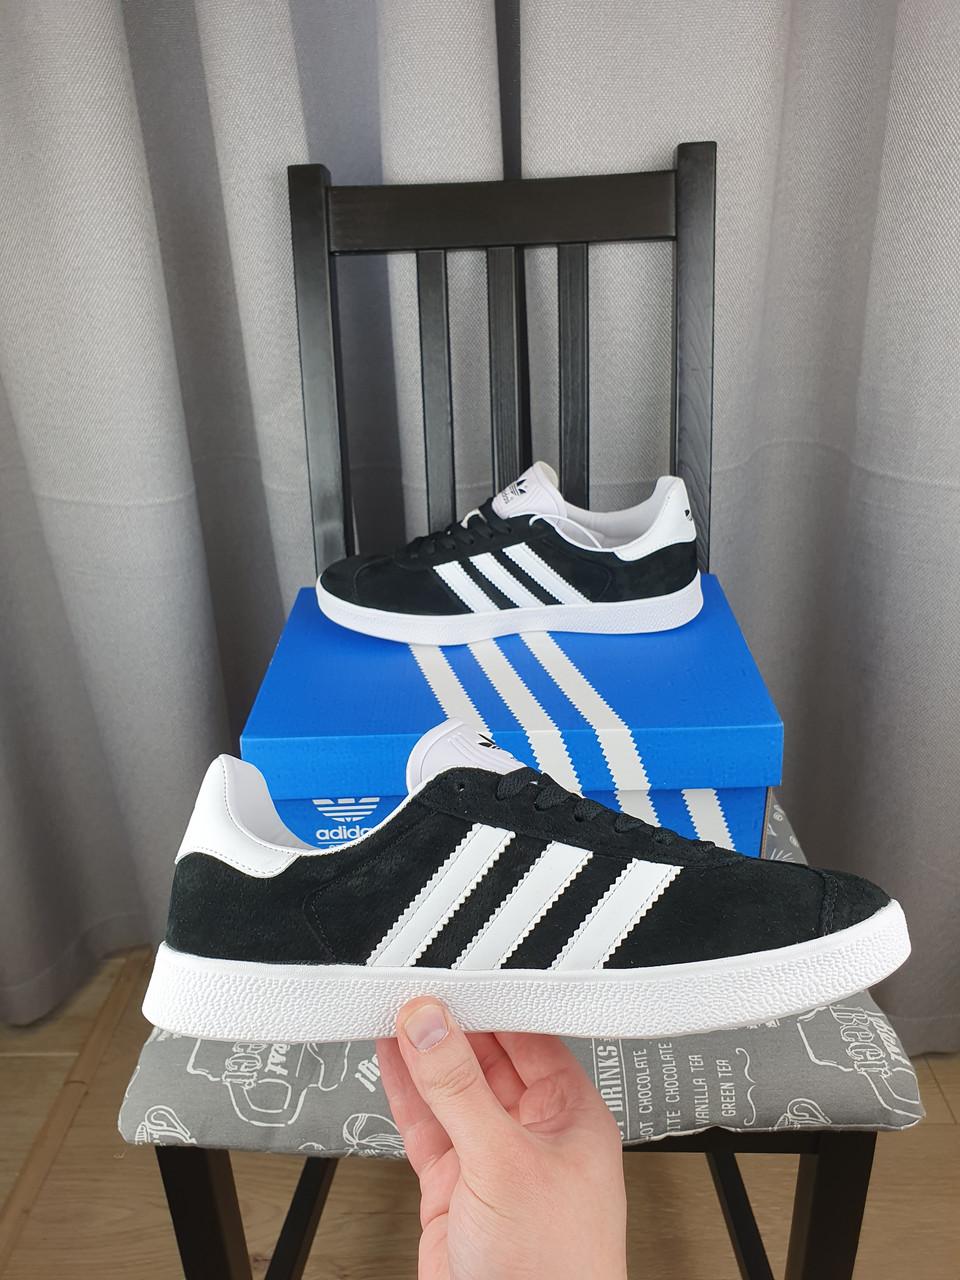 Кеды унисекс Adidas Gazelle черные с белым Женские и мужские кроссовки Адидас Газель черно-белые замшевые 2021